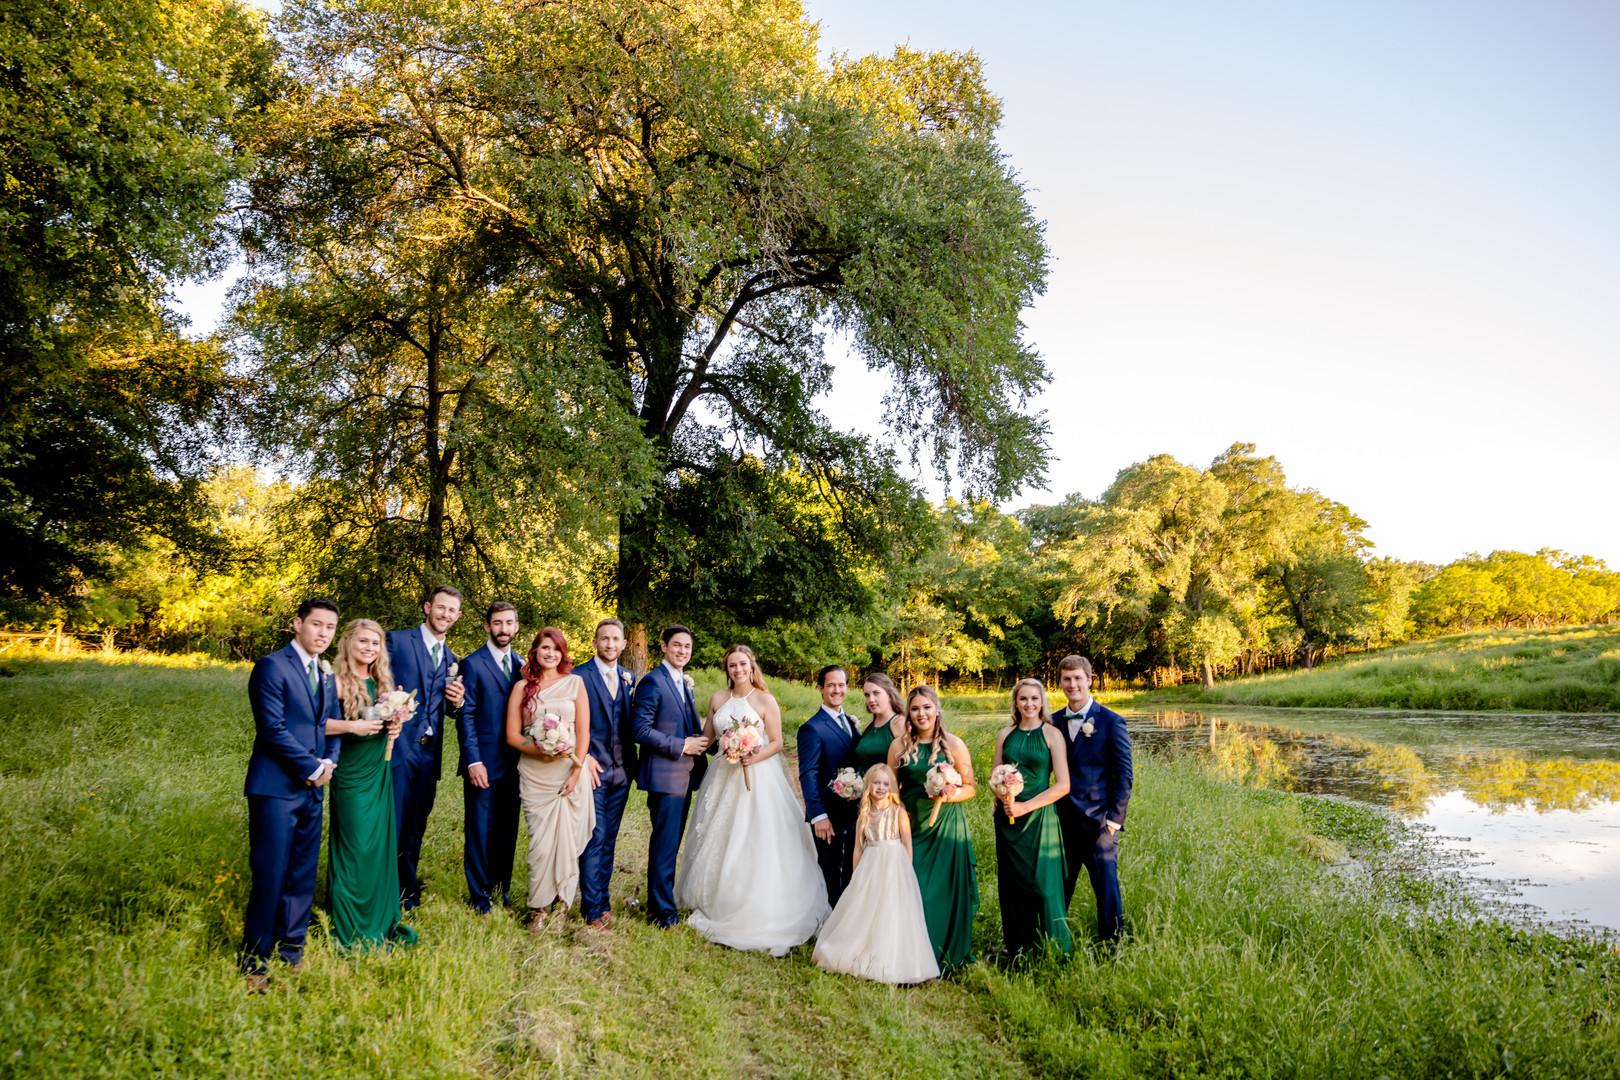 bridals around the pond